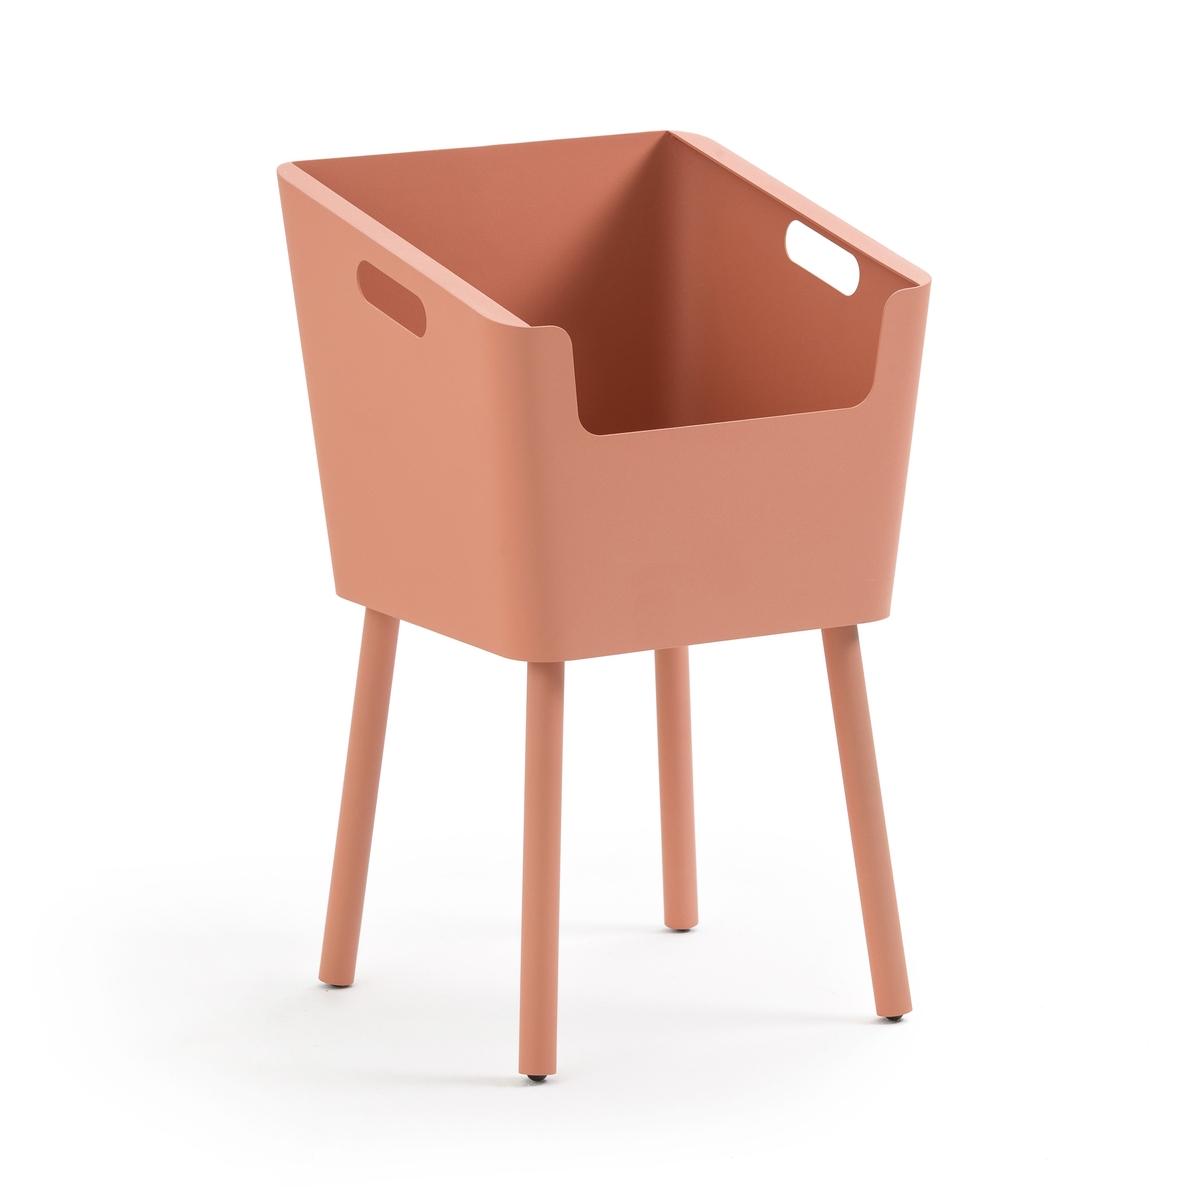 Фото - Столик LaRedoute Прикроватный из металла Monbefi единый размер розовый прикроватный la redoute столик в стиле винтаж watford единый размер каштановый